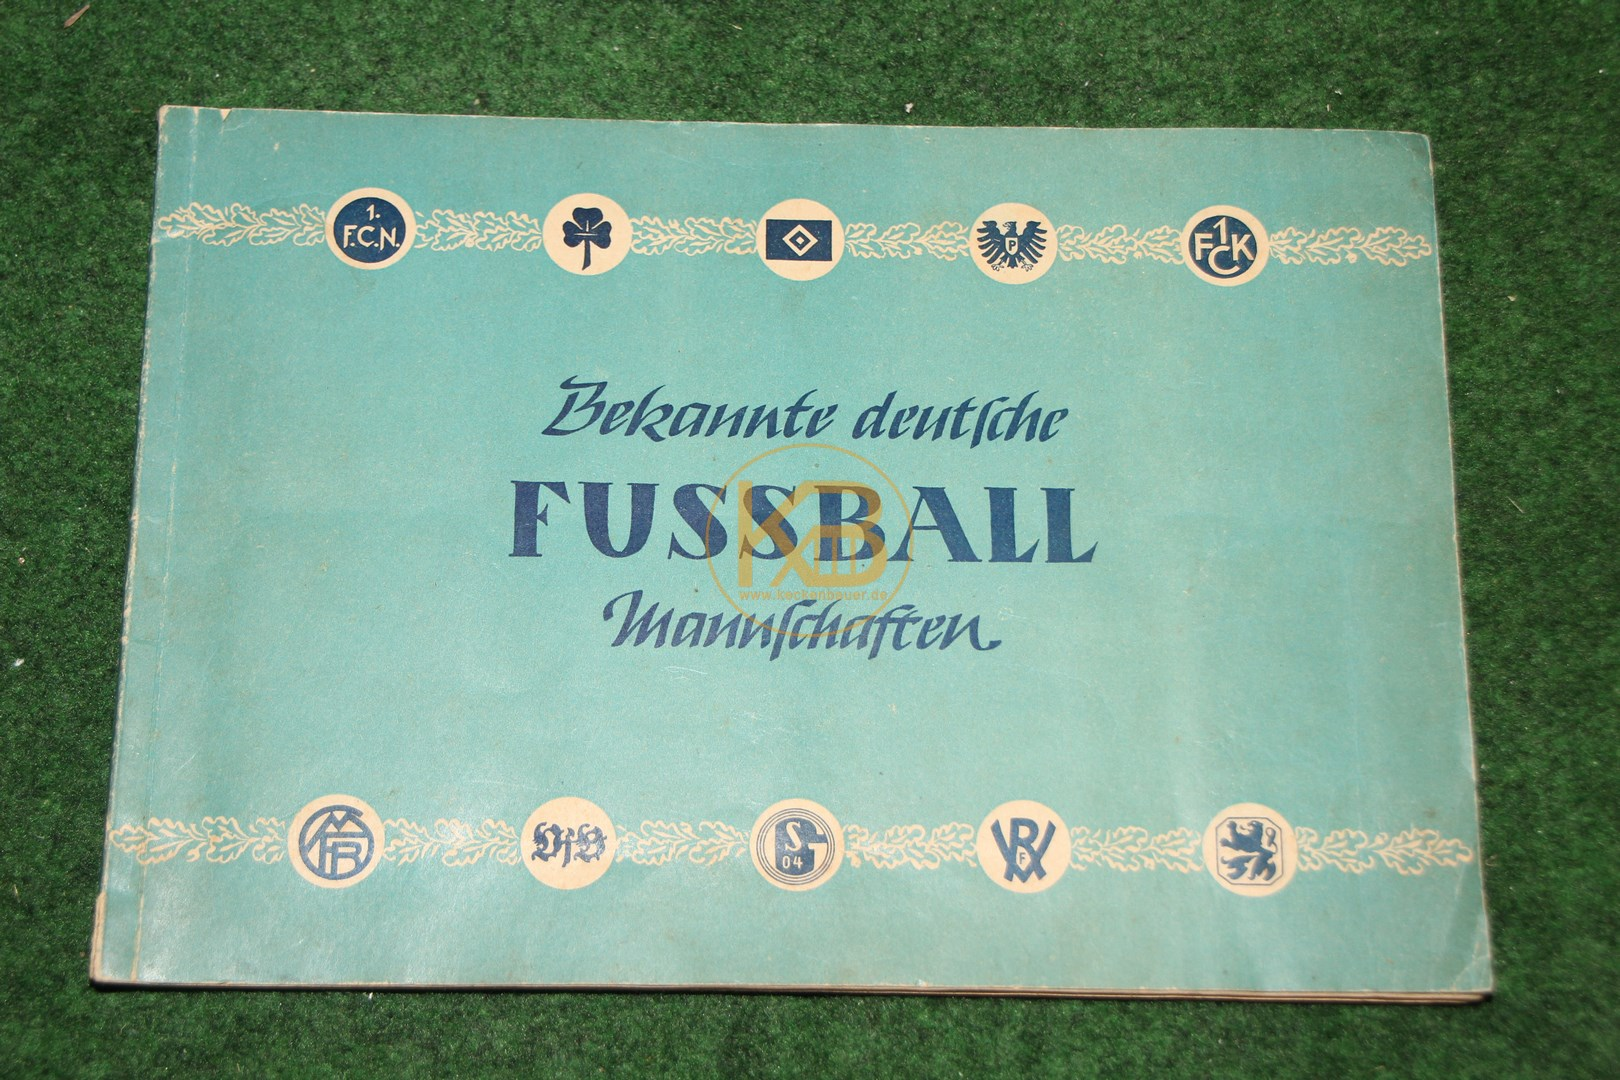 Sammelalbum Bekannte deutsche Fußball Mannschaften aus den 1950ern.